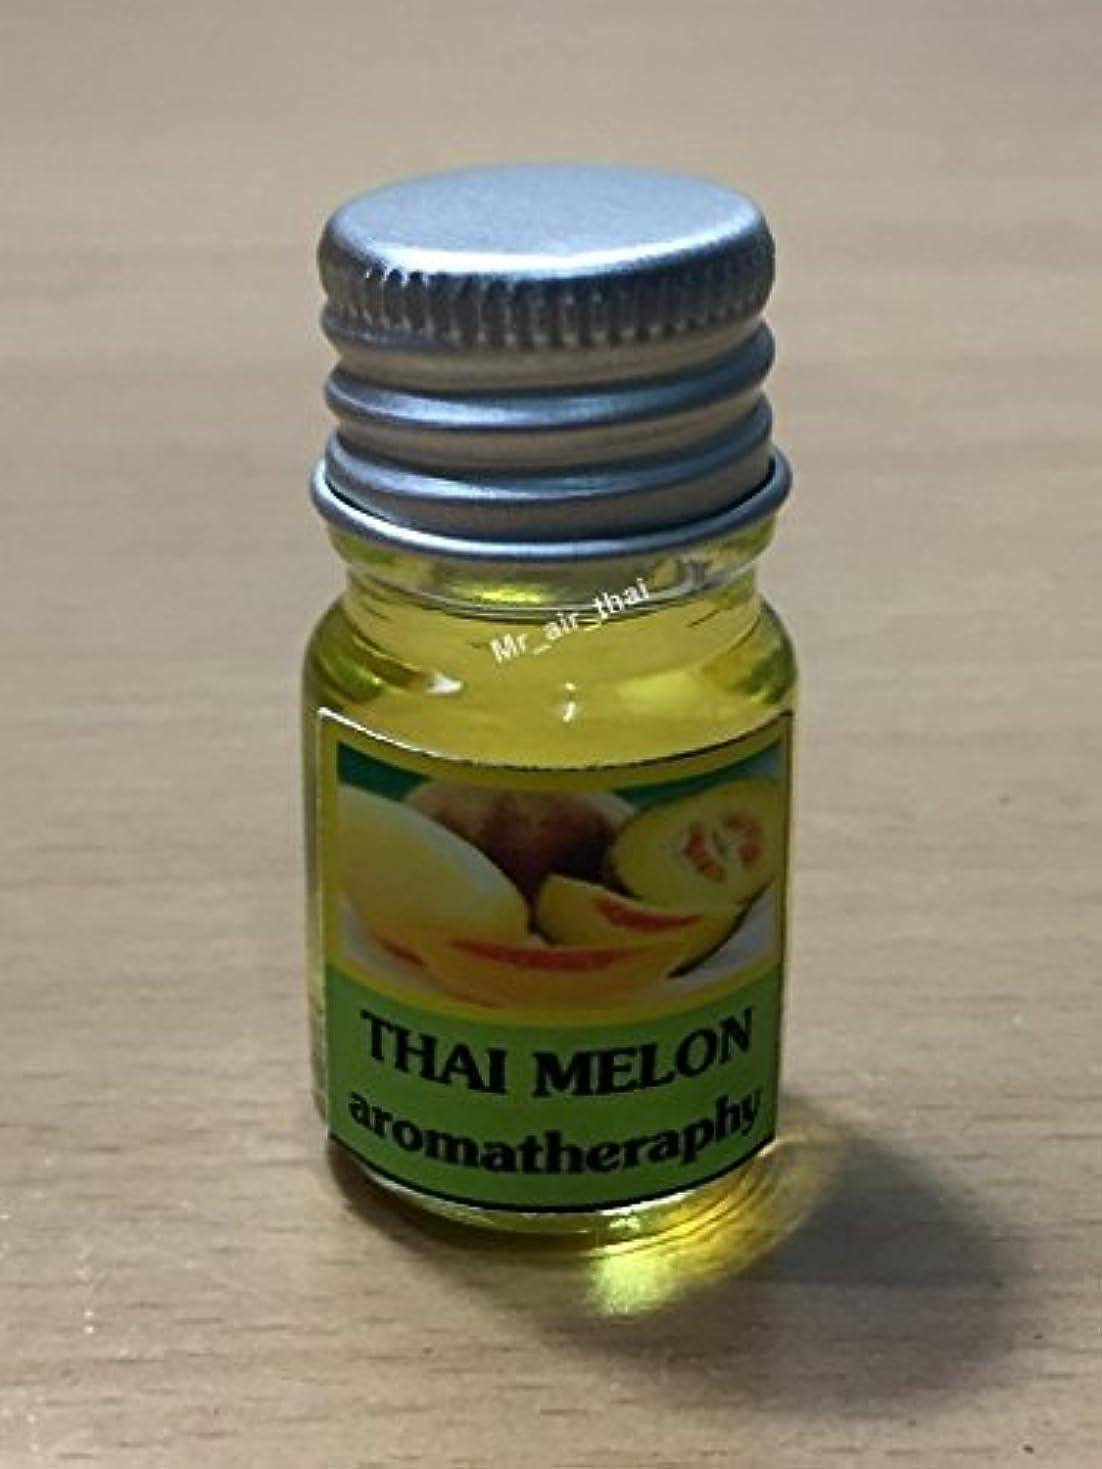 5ミリリットルアロマタイメロンフランクインセンスエッセンシャルオイルボトルアロマテラピーオイル自然自然5ml Aroma Thai Melon Frankincense Essential Oil Bottles Aromatherapy...